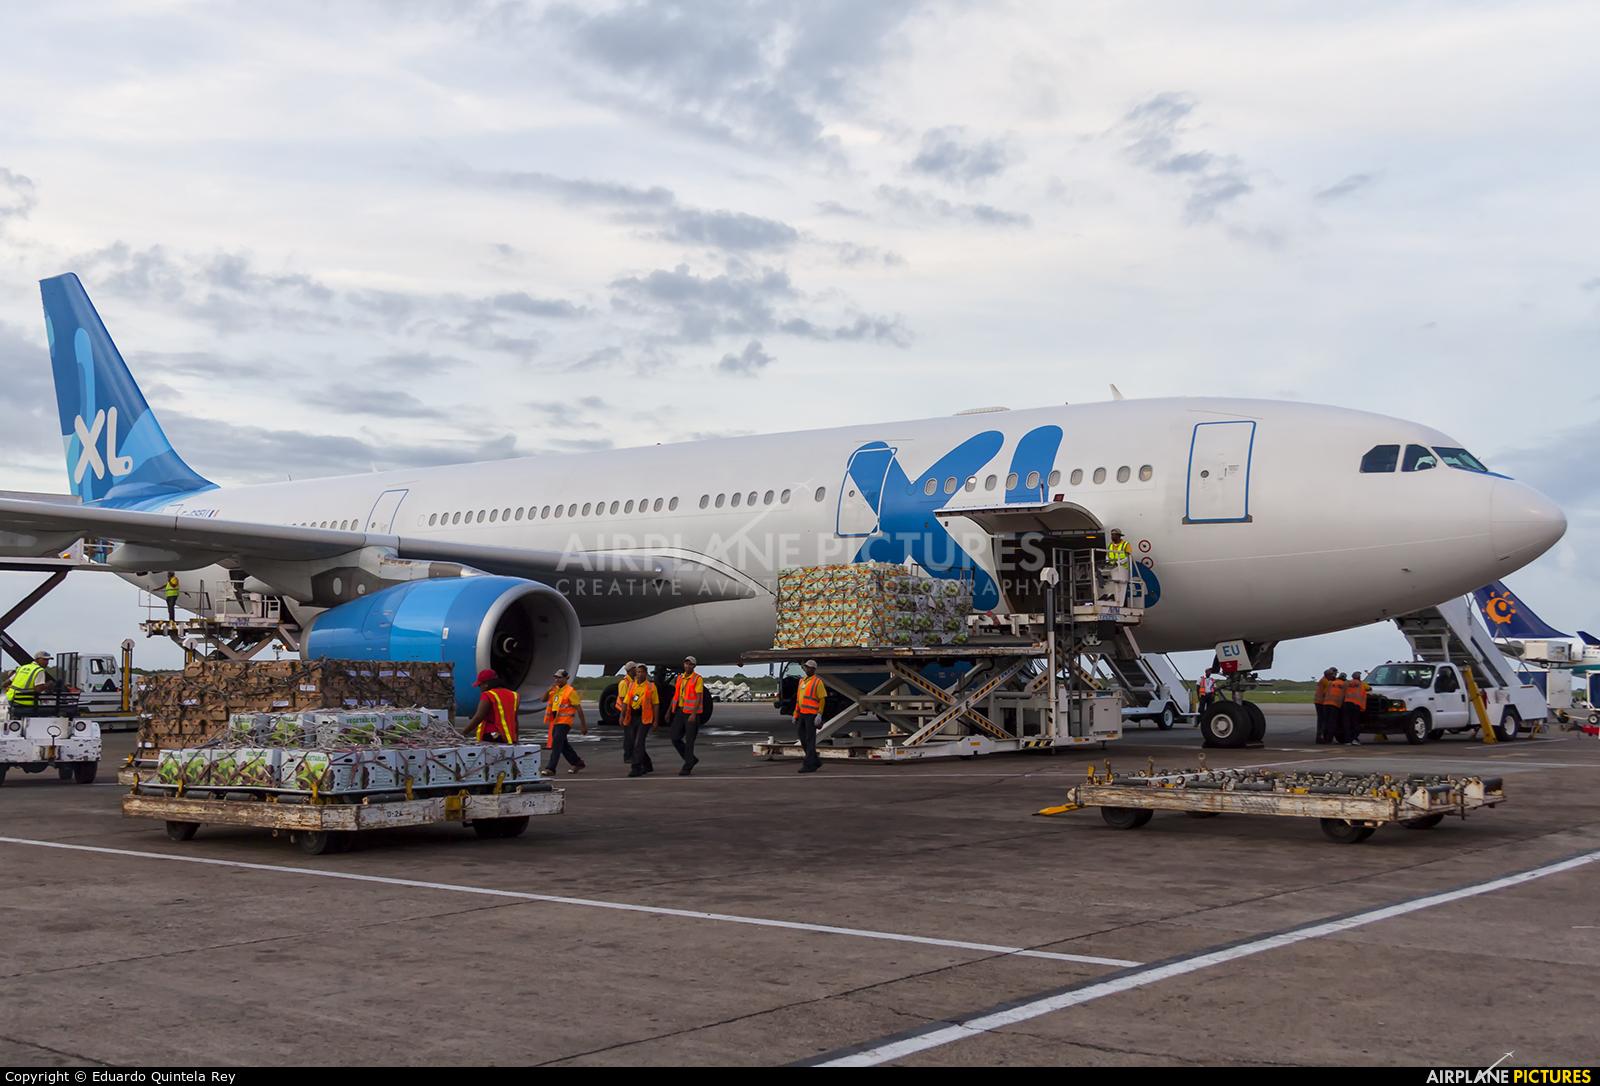 F gseu xl airways france airbus a330 200 at punta cana for Airbus a330 xl airways interieur